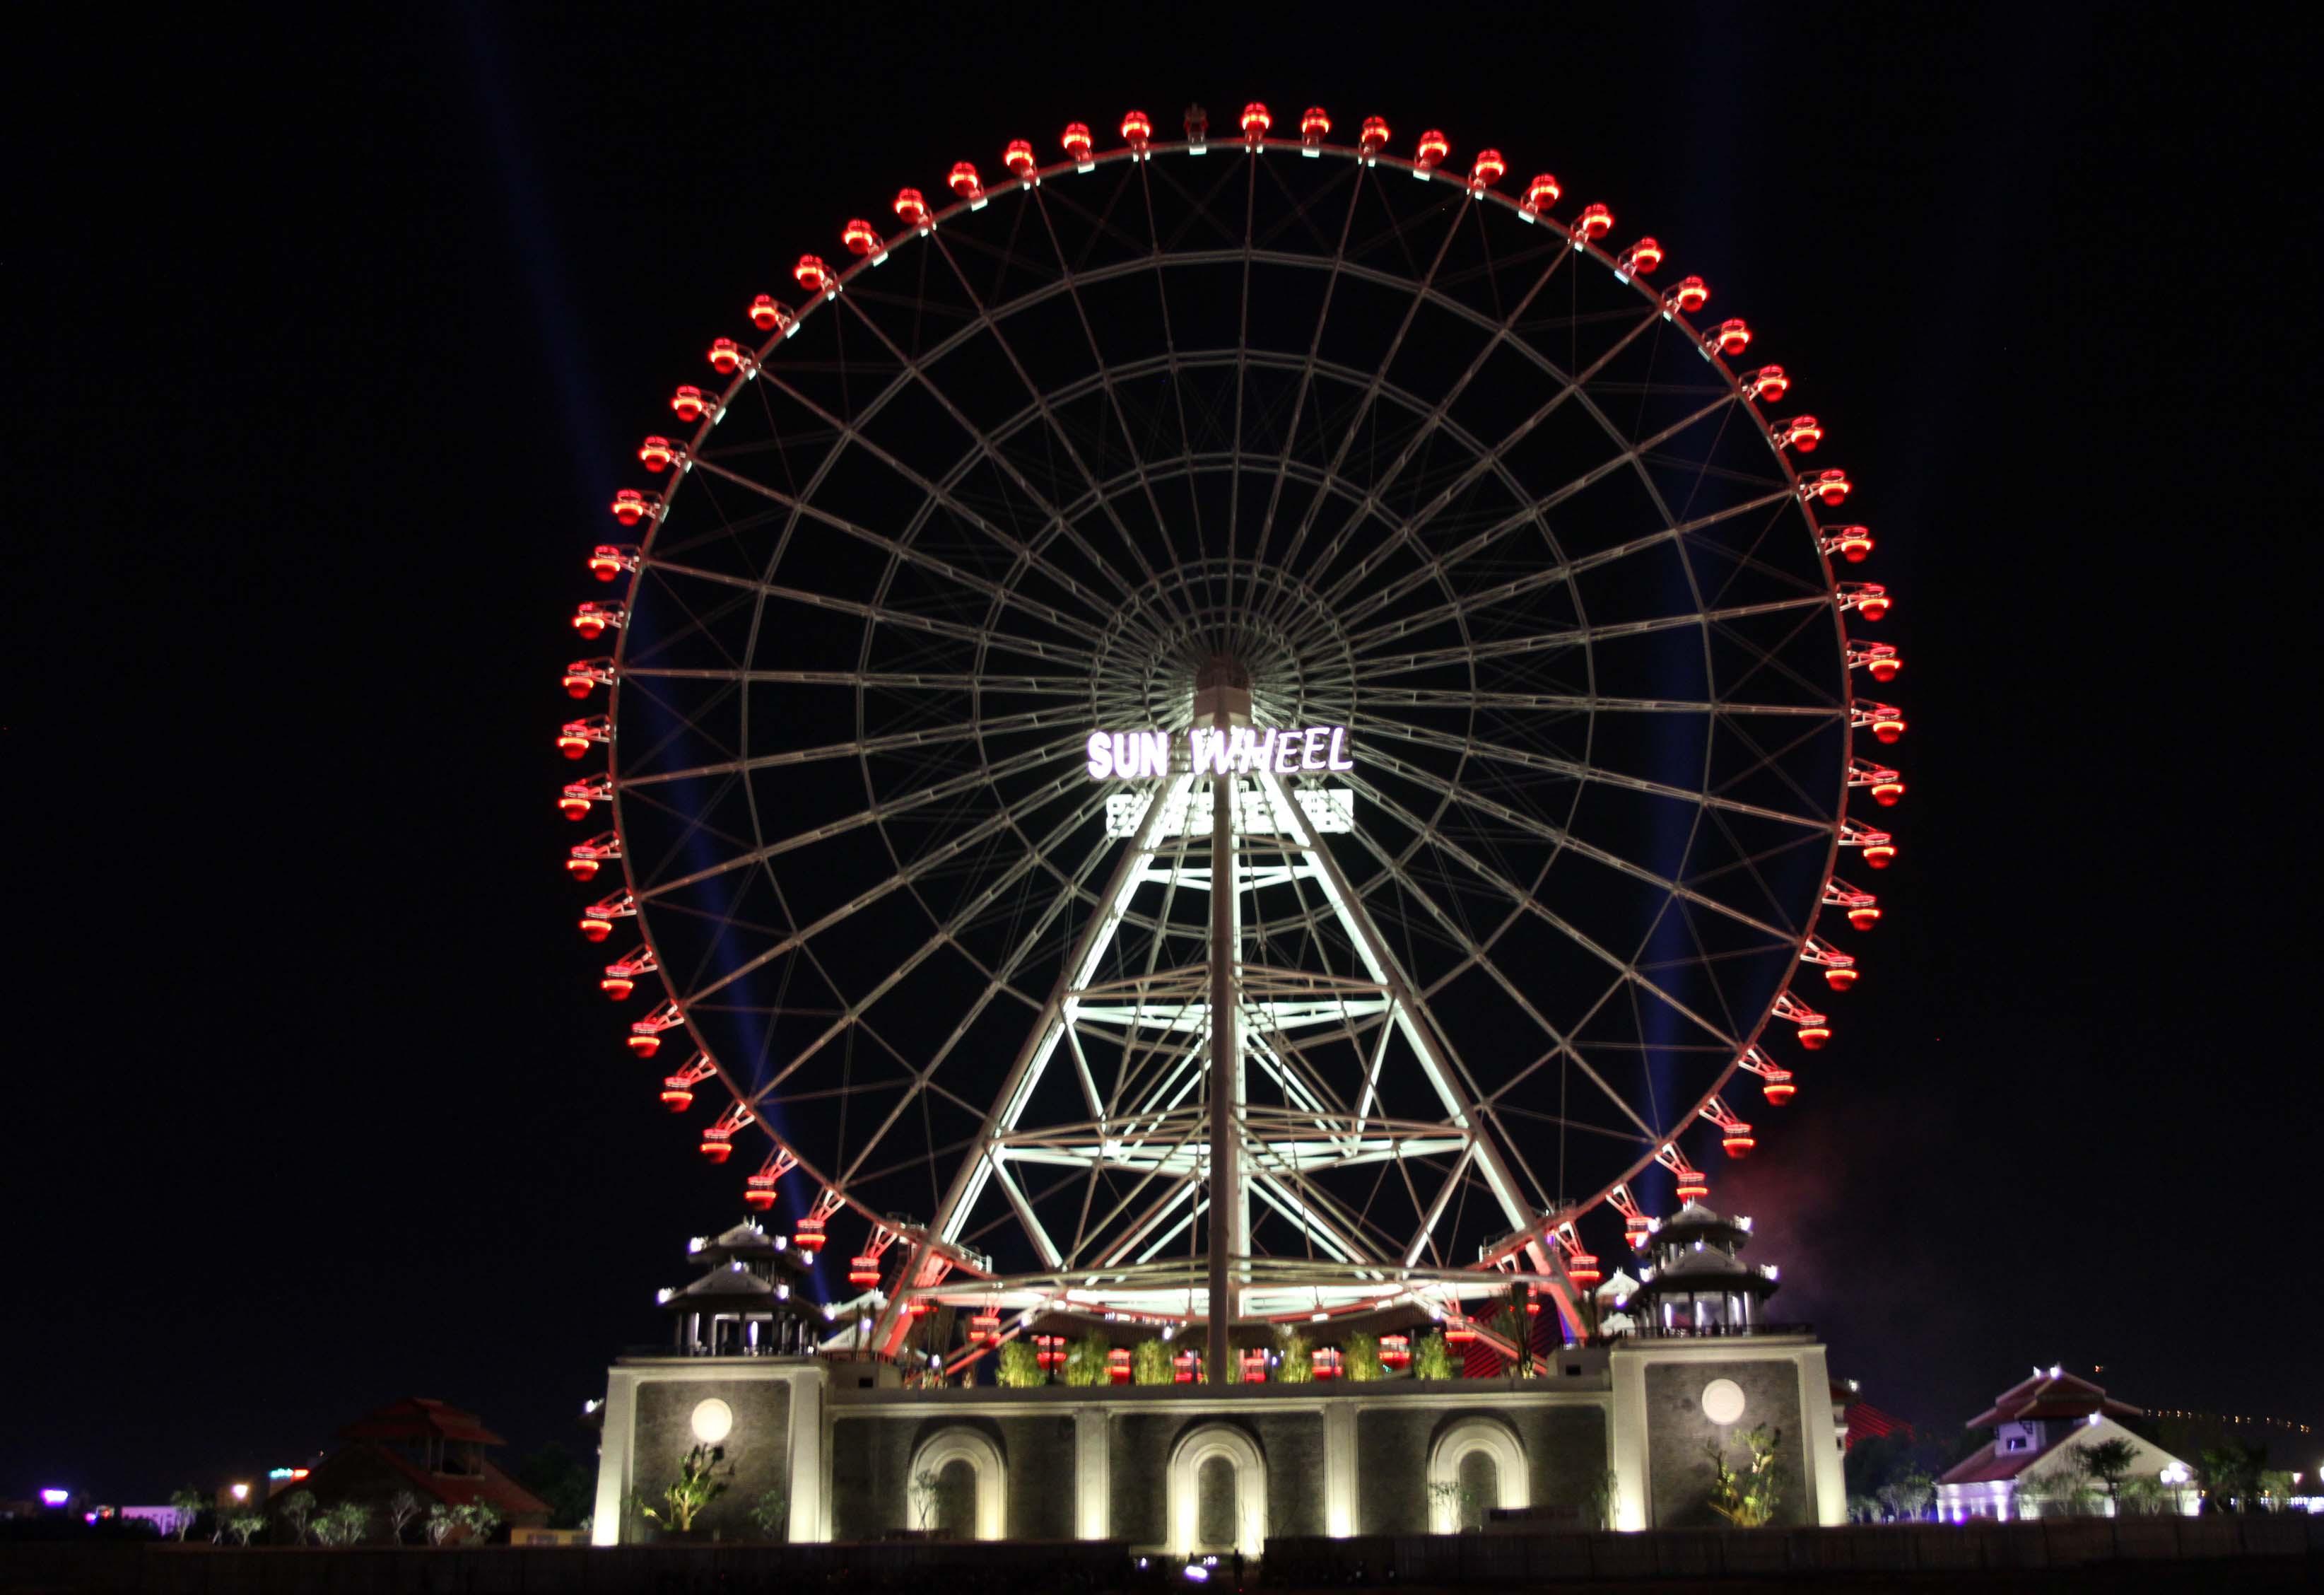 5 địa điểm phải dẫn người yêu đi bằng được ở đà nẵng - sunwheel